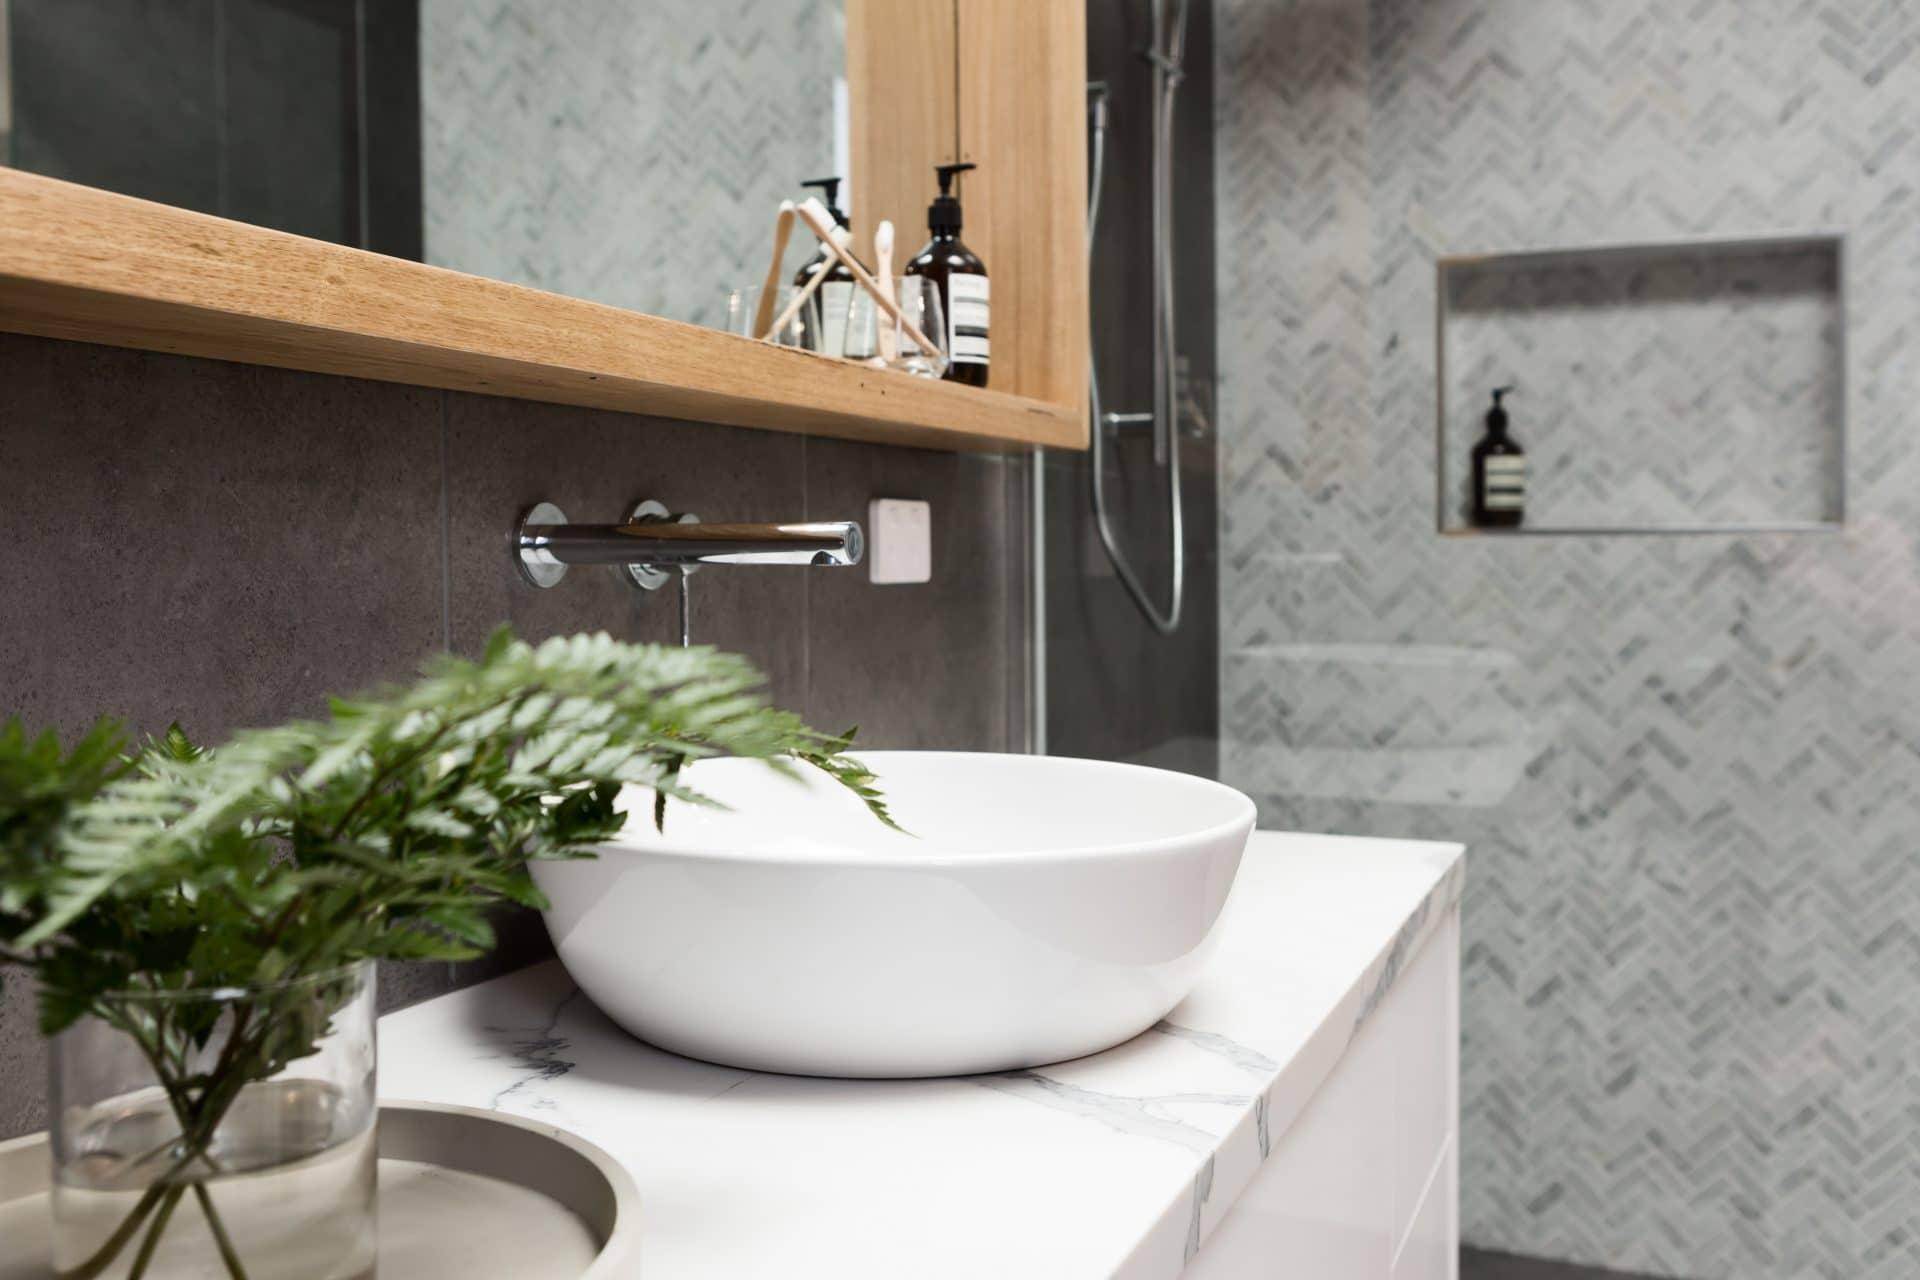 Installer et choisir un lavabo de salle de bain